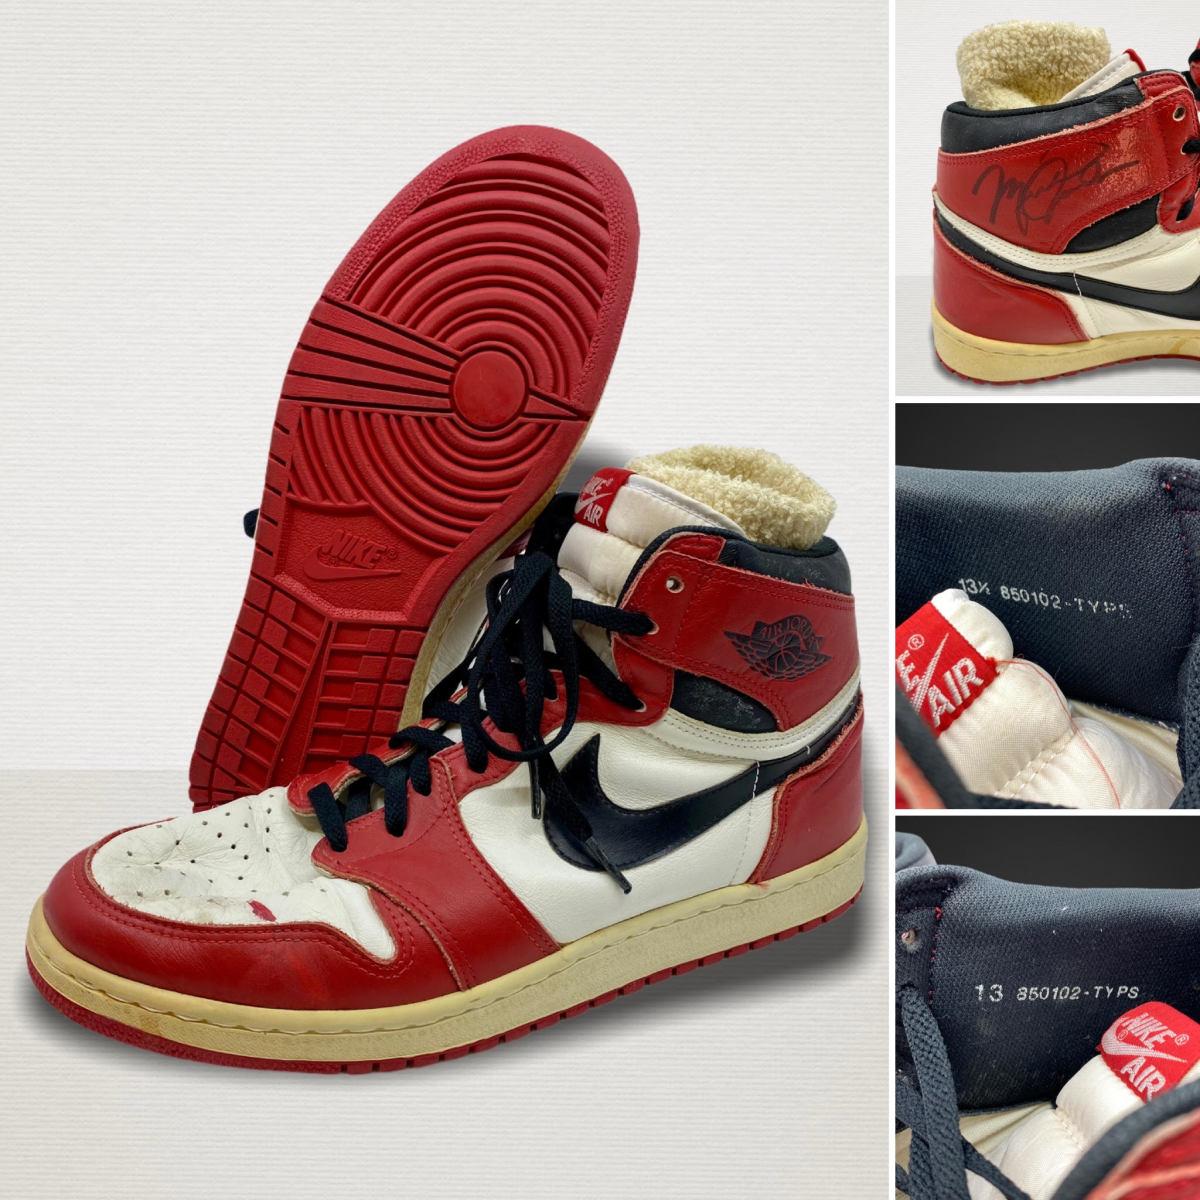 Nike Air Jordans worn by Michael Jordan during his NBA rookie season in 1984-85.